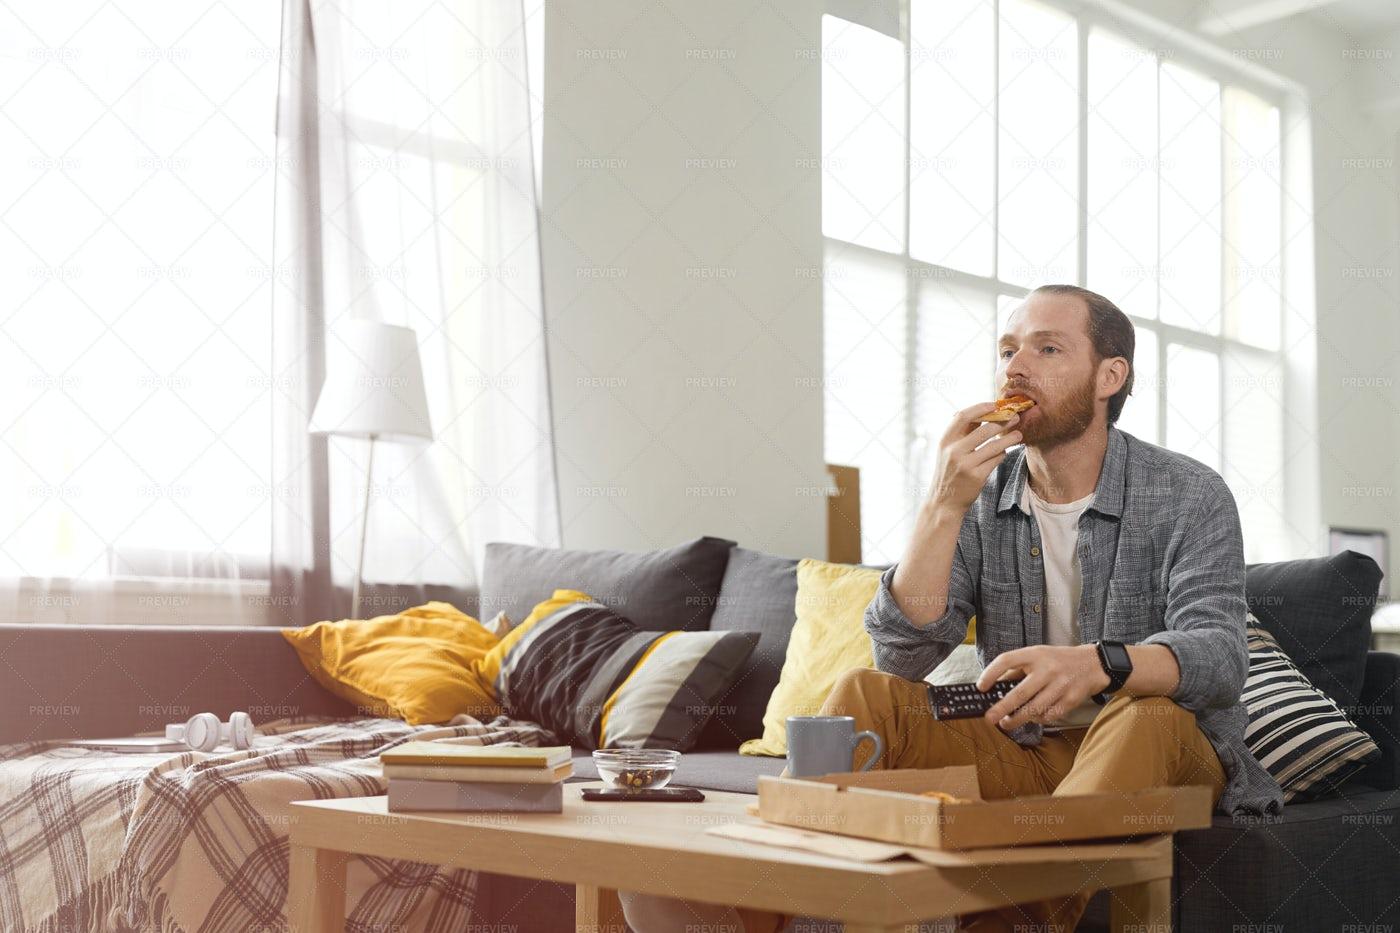 Contemporary Couch Potato: Stock Photos